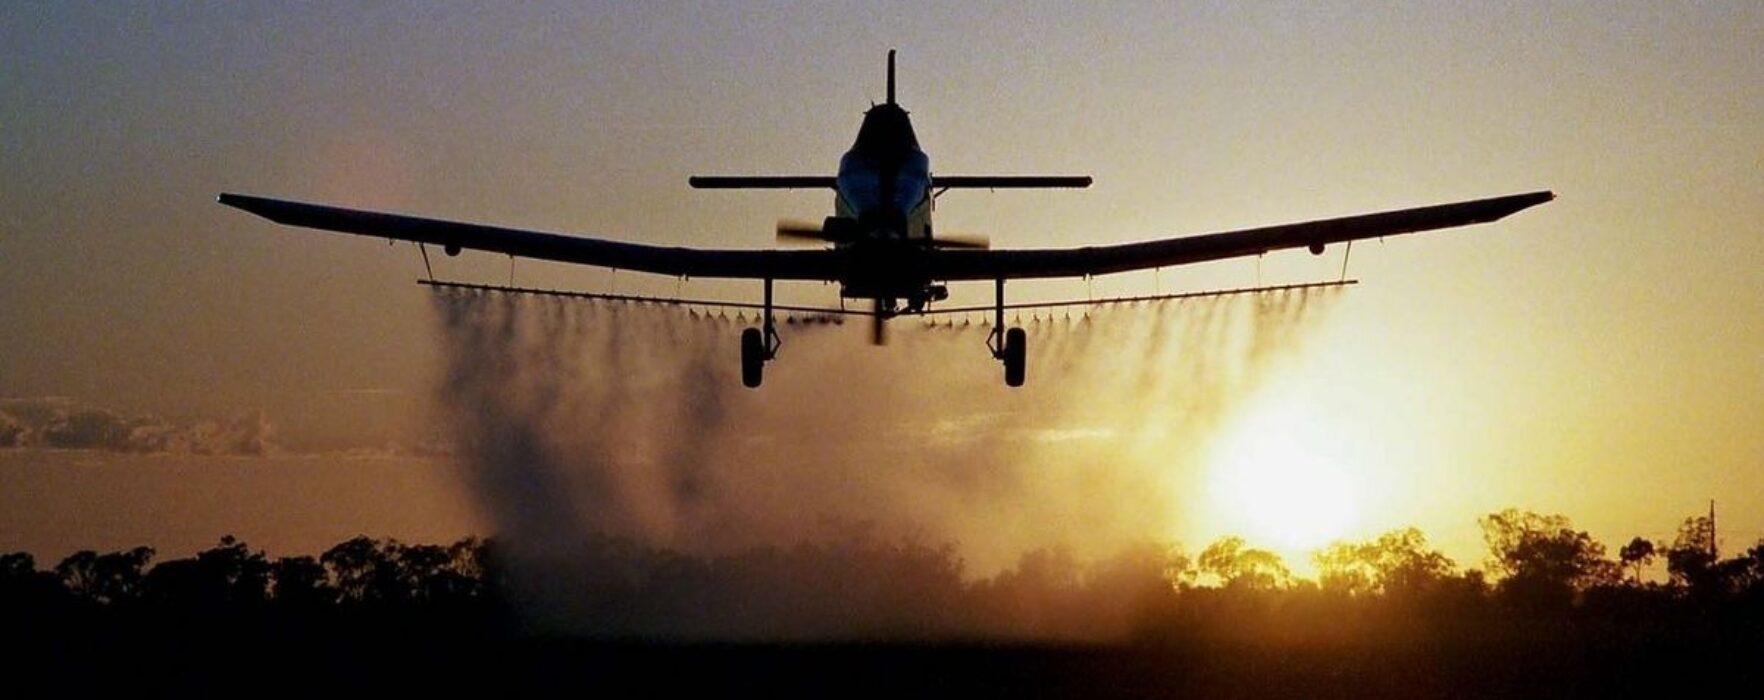 Aviotratamente pentru combaterea insectelor, la Titu, 11 iunie-13 iunie